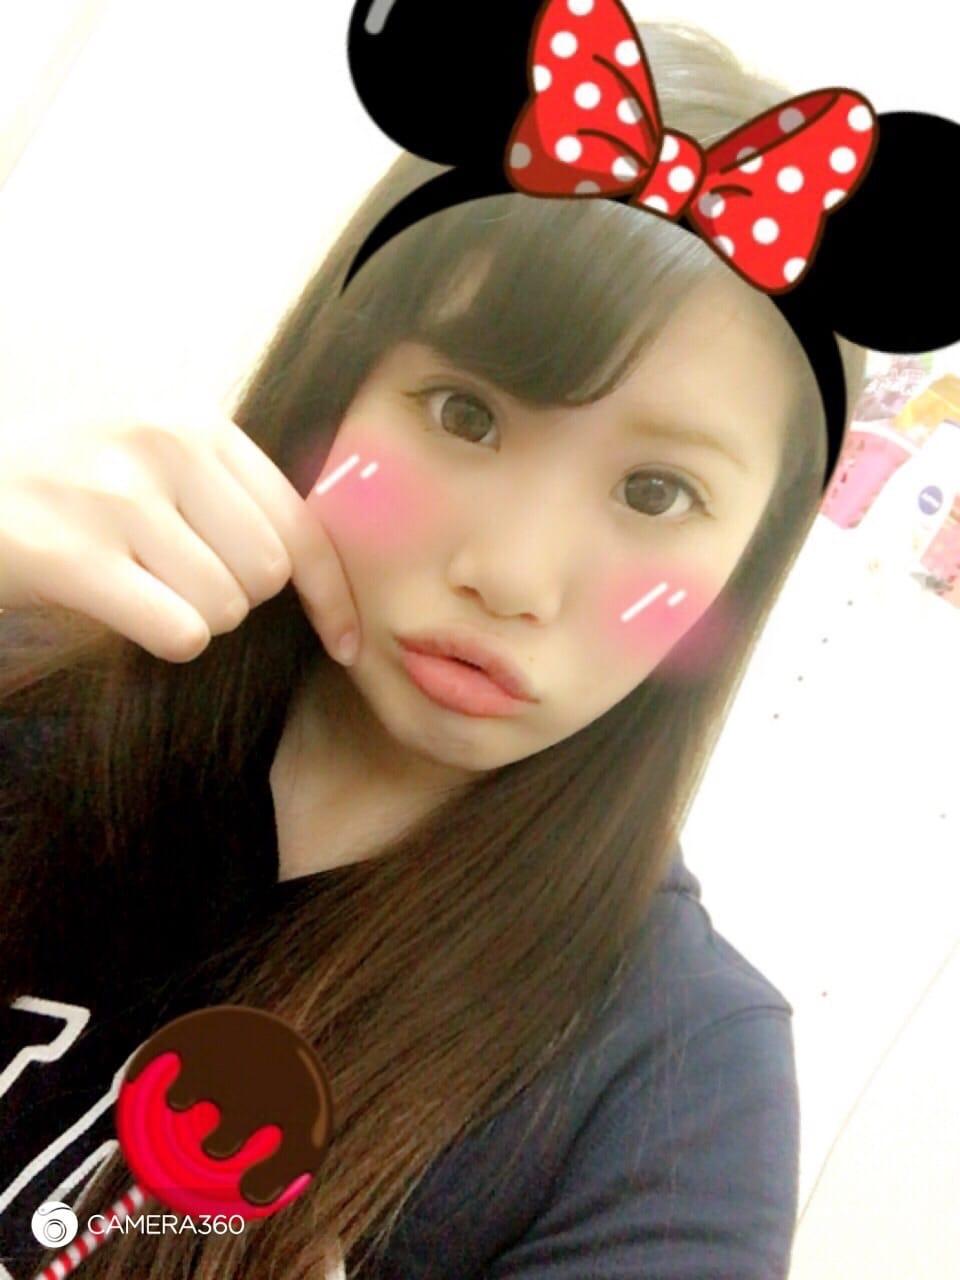 「おはぴよ♪」09/25(09/25) 15:20 | あんさな.の写メ・風俗動画